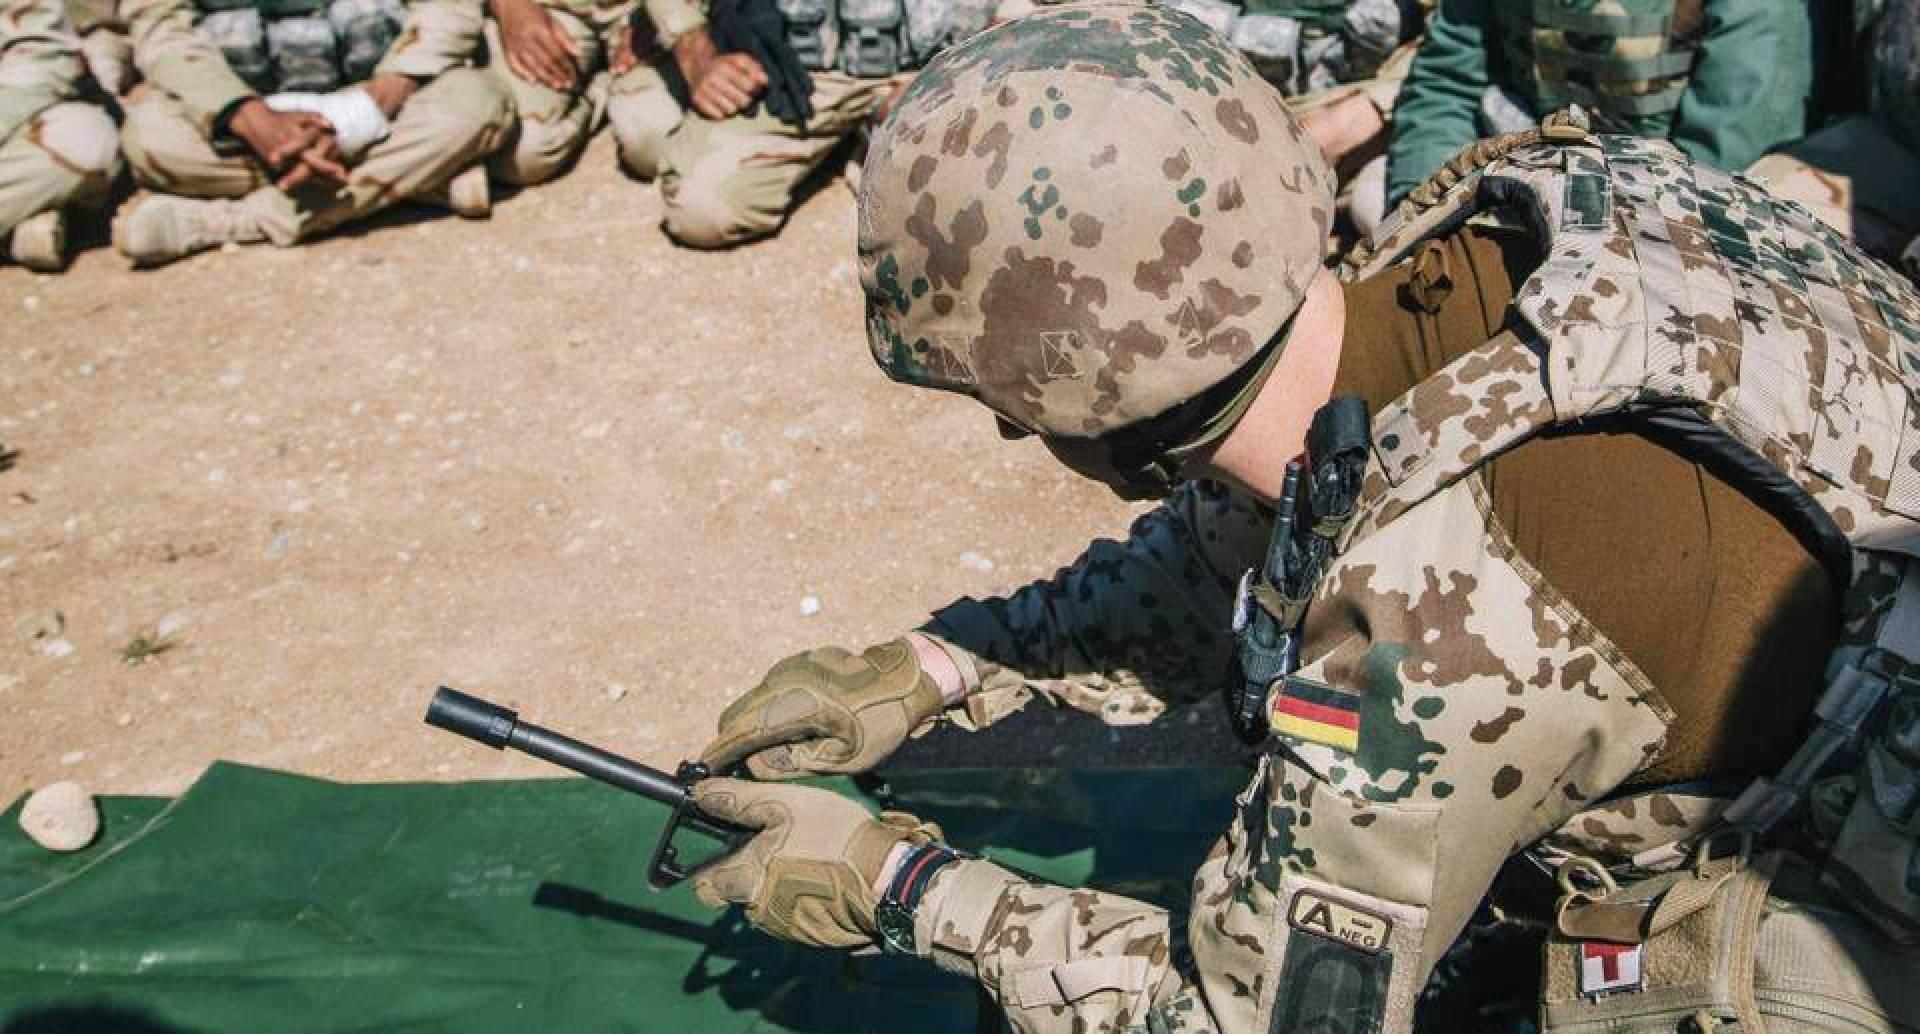 الجيش الألماني: الولايات المتحدة وحلفاؤها علقوا تدريب القوات العراقية